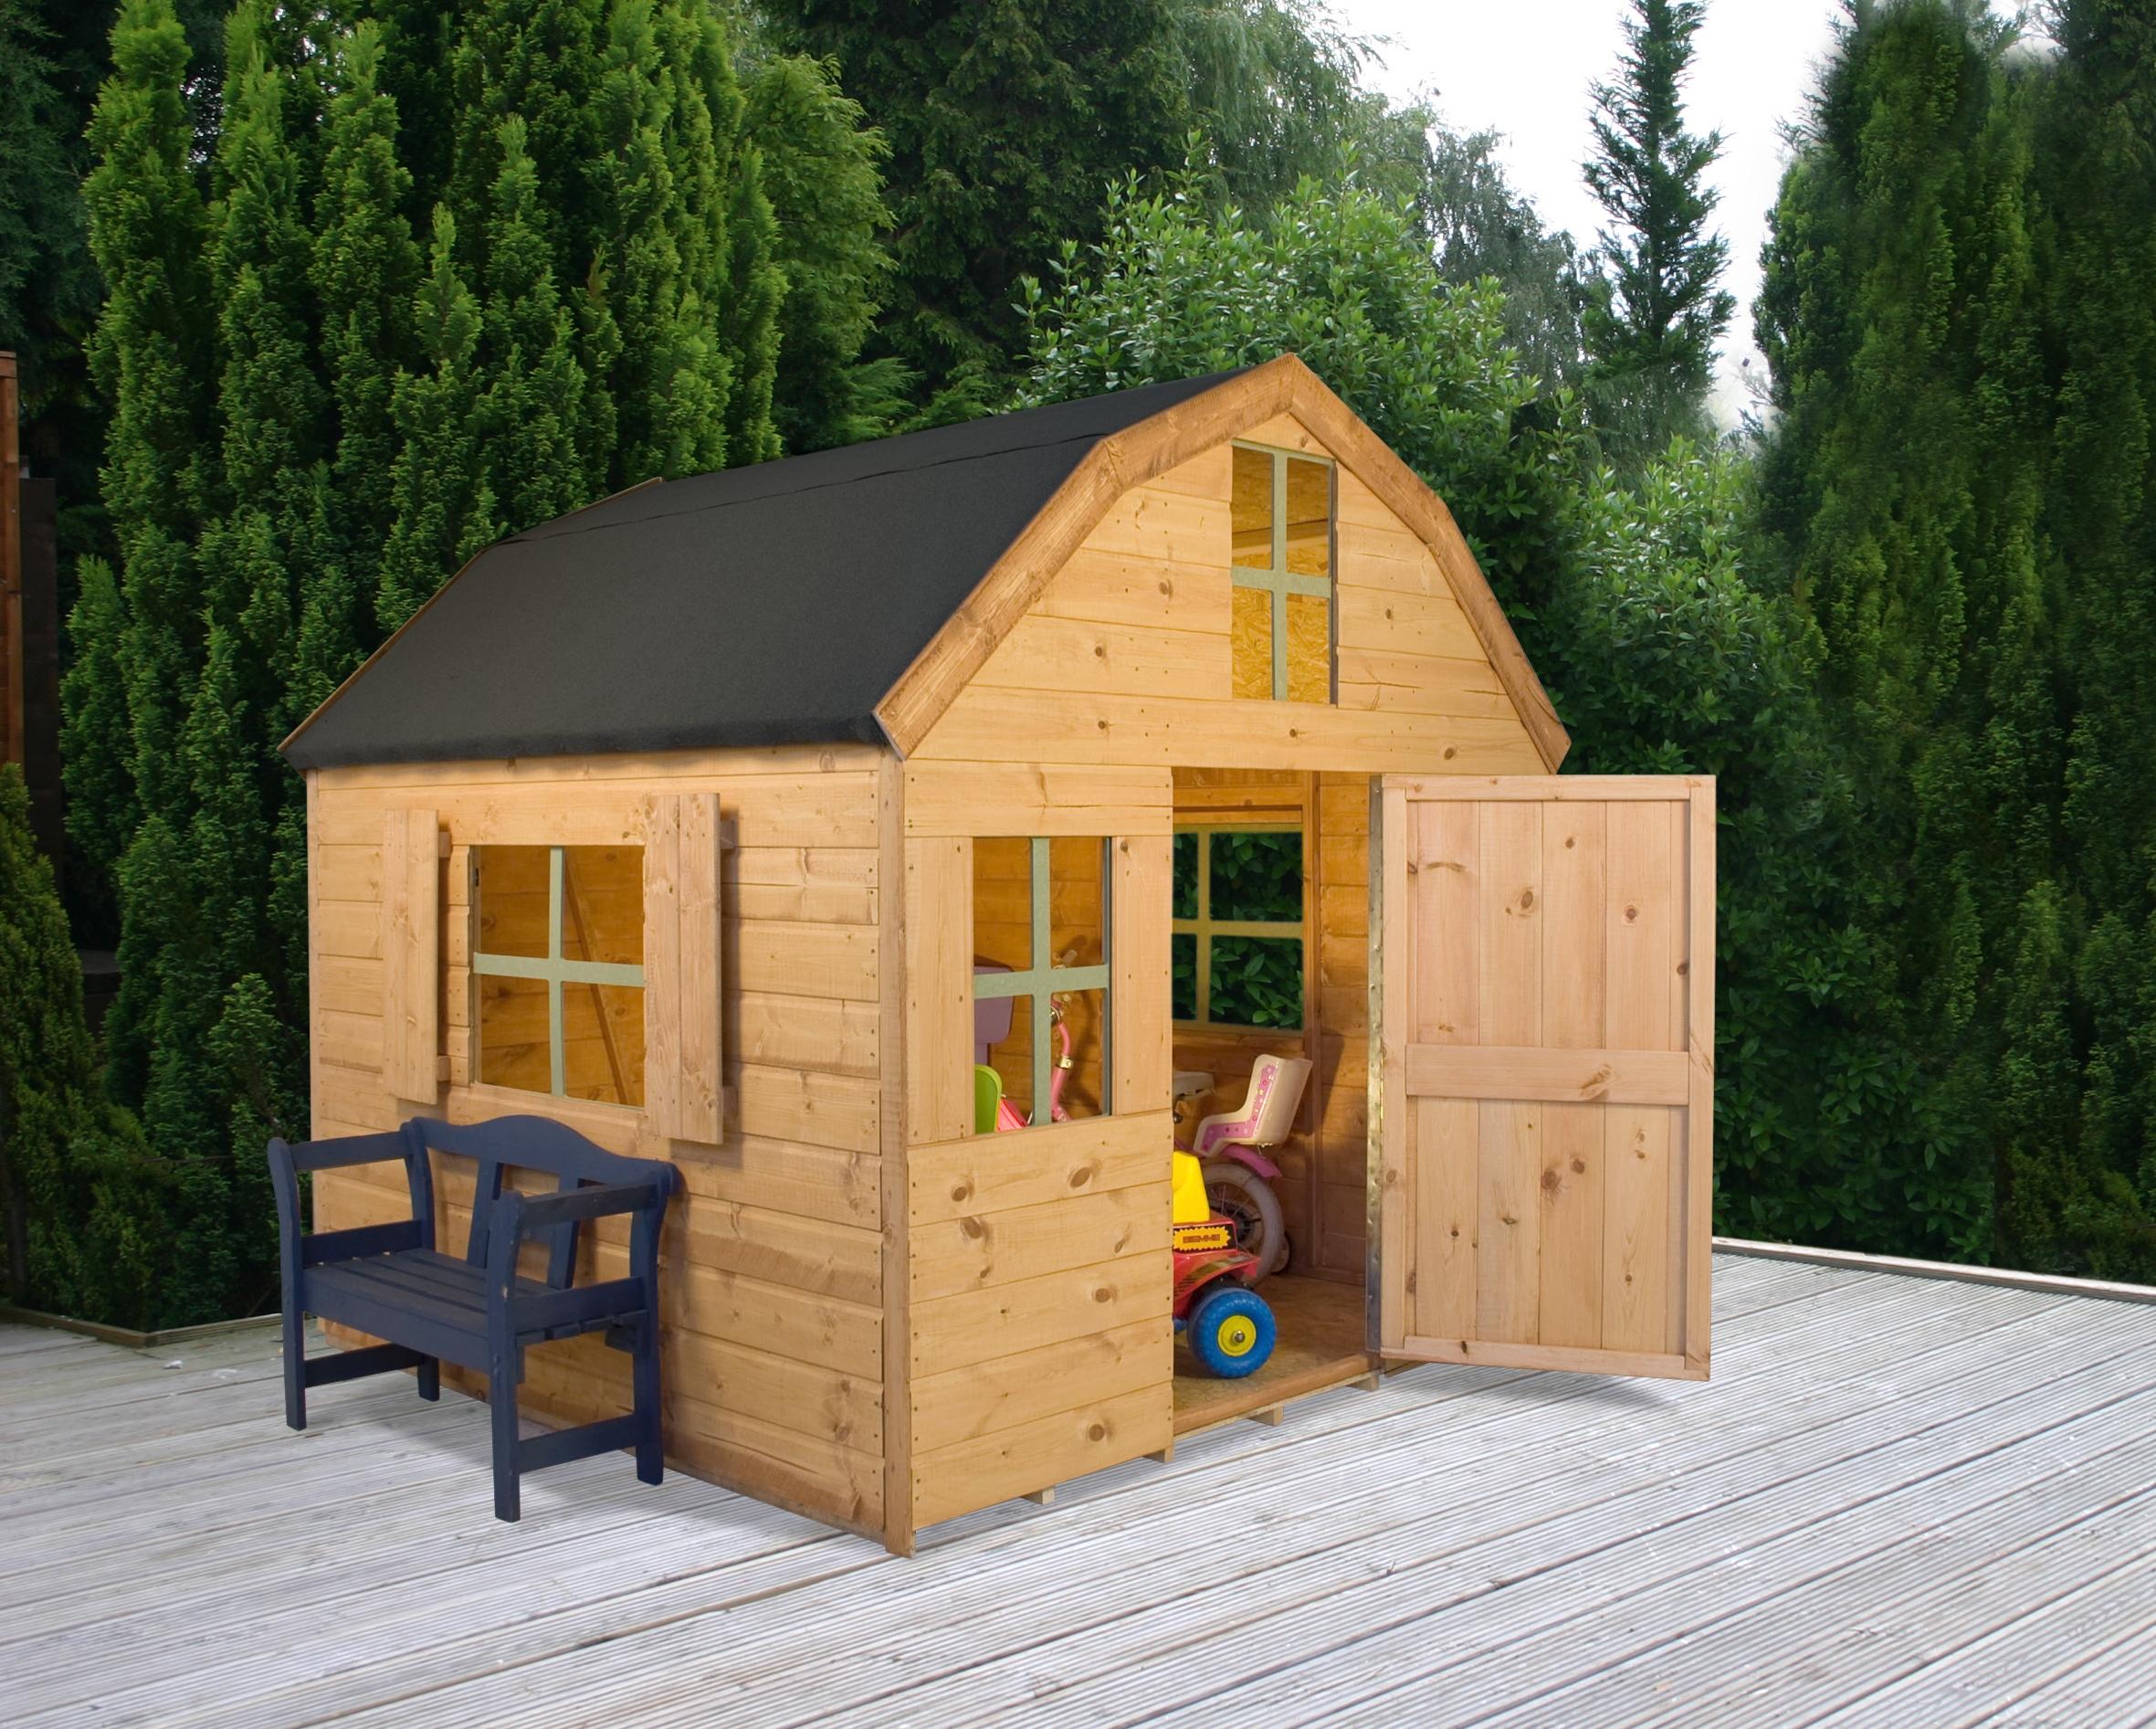 Casette bambini in plastica casetta bambini for Quanto costruire una casetta